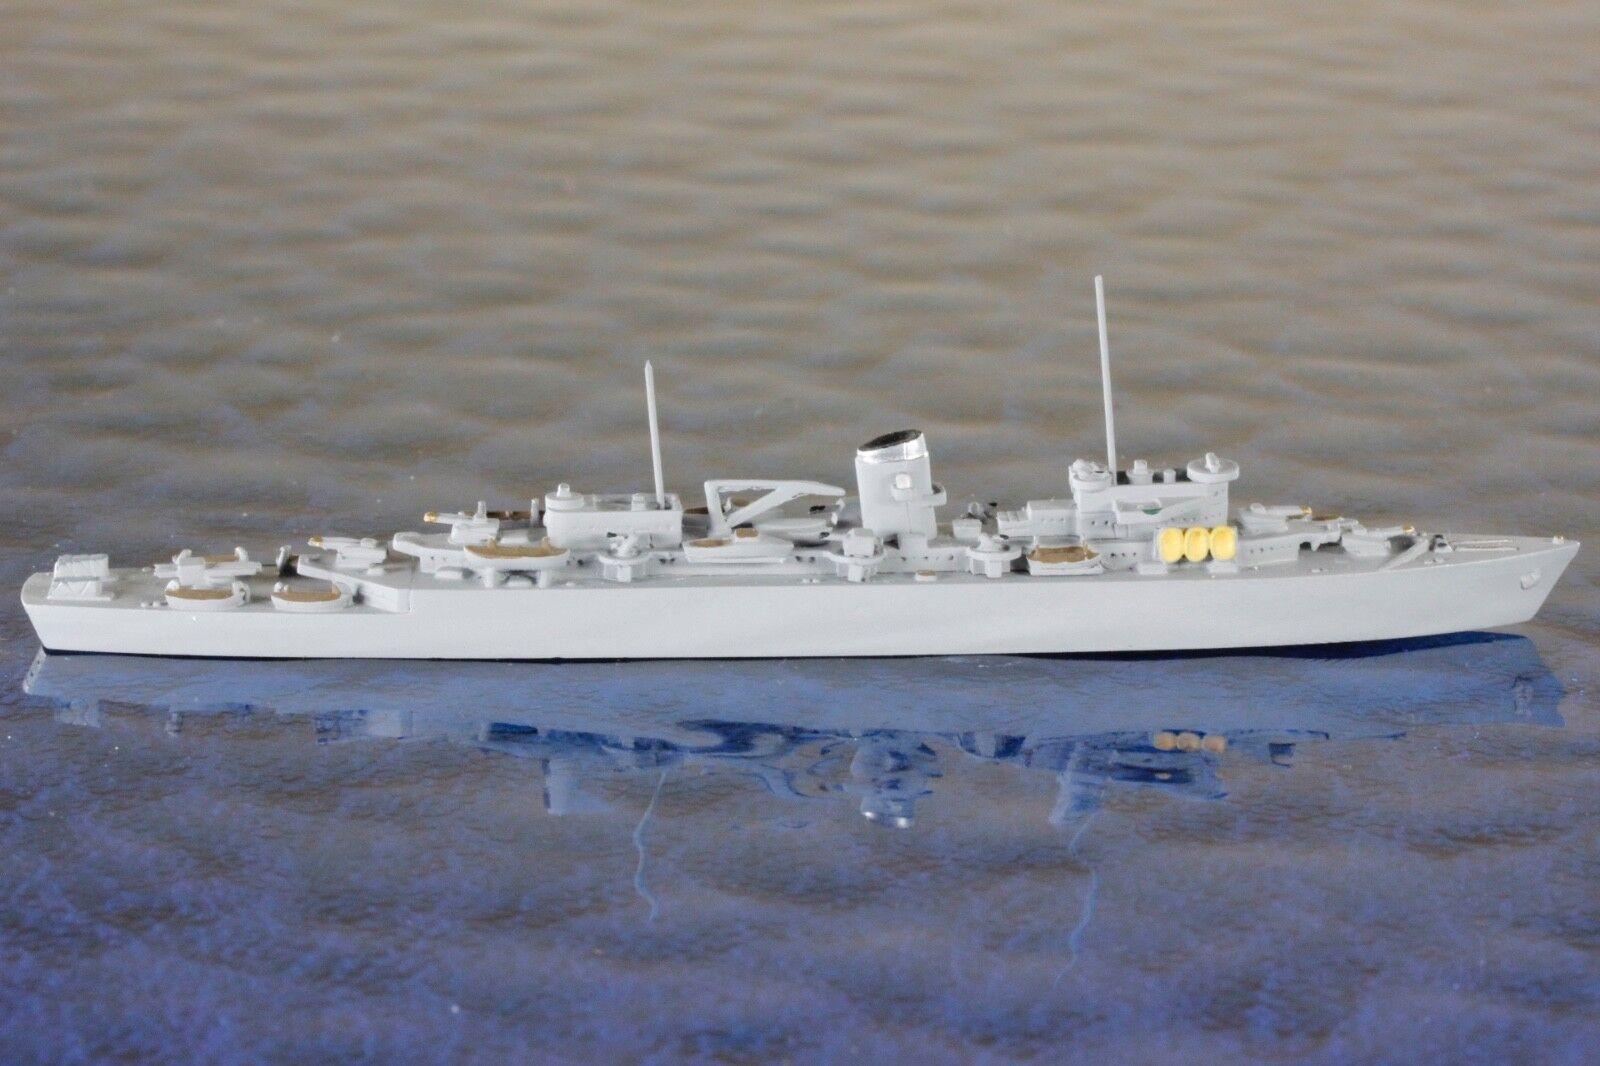 Planification A-G Fabricant Ancre 13, 1 1250 vaisseau Modèle